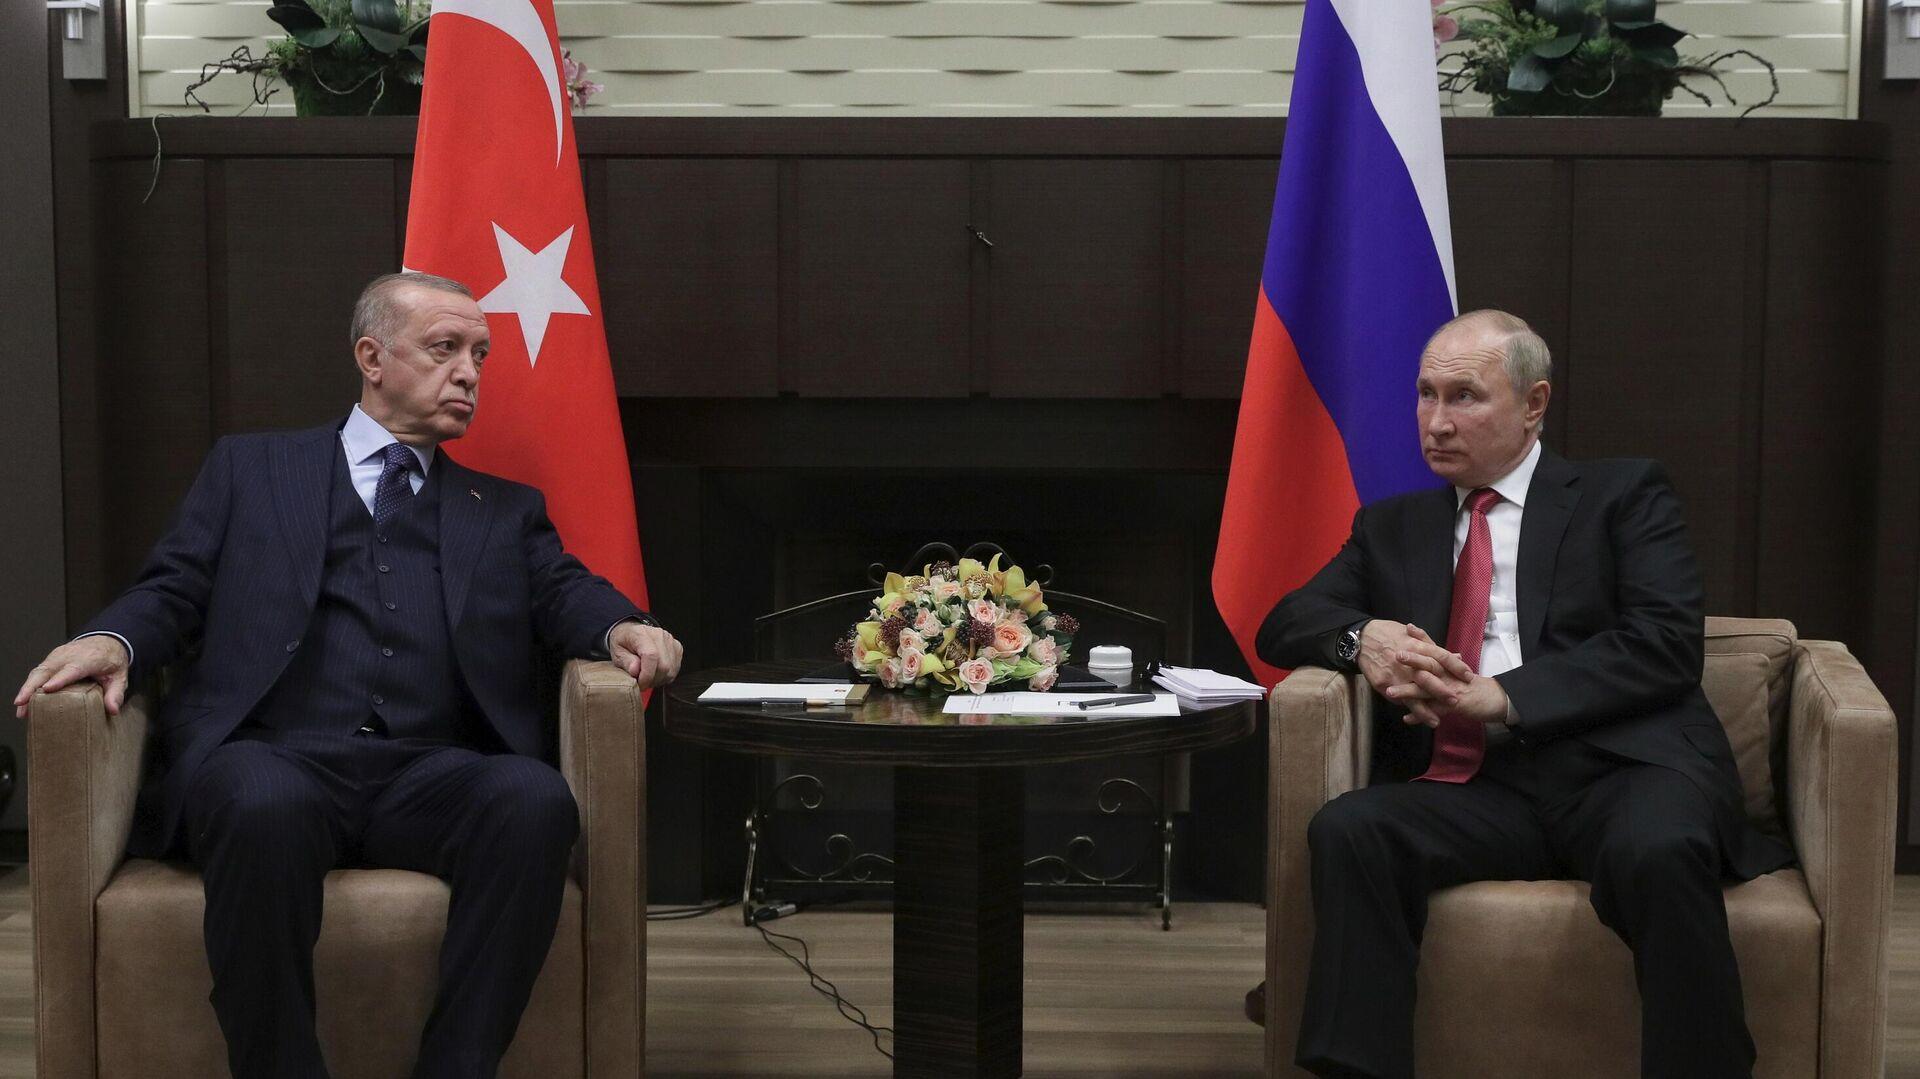 Президент РФ В. Путин провел переговоры с президентом Турции Р. Эрдоганом - Sputnik Ўзбекистон, 1920, 30.09.2021